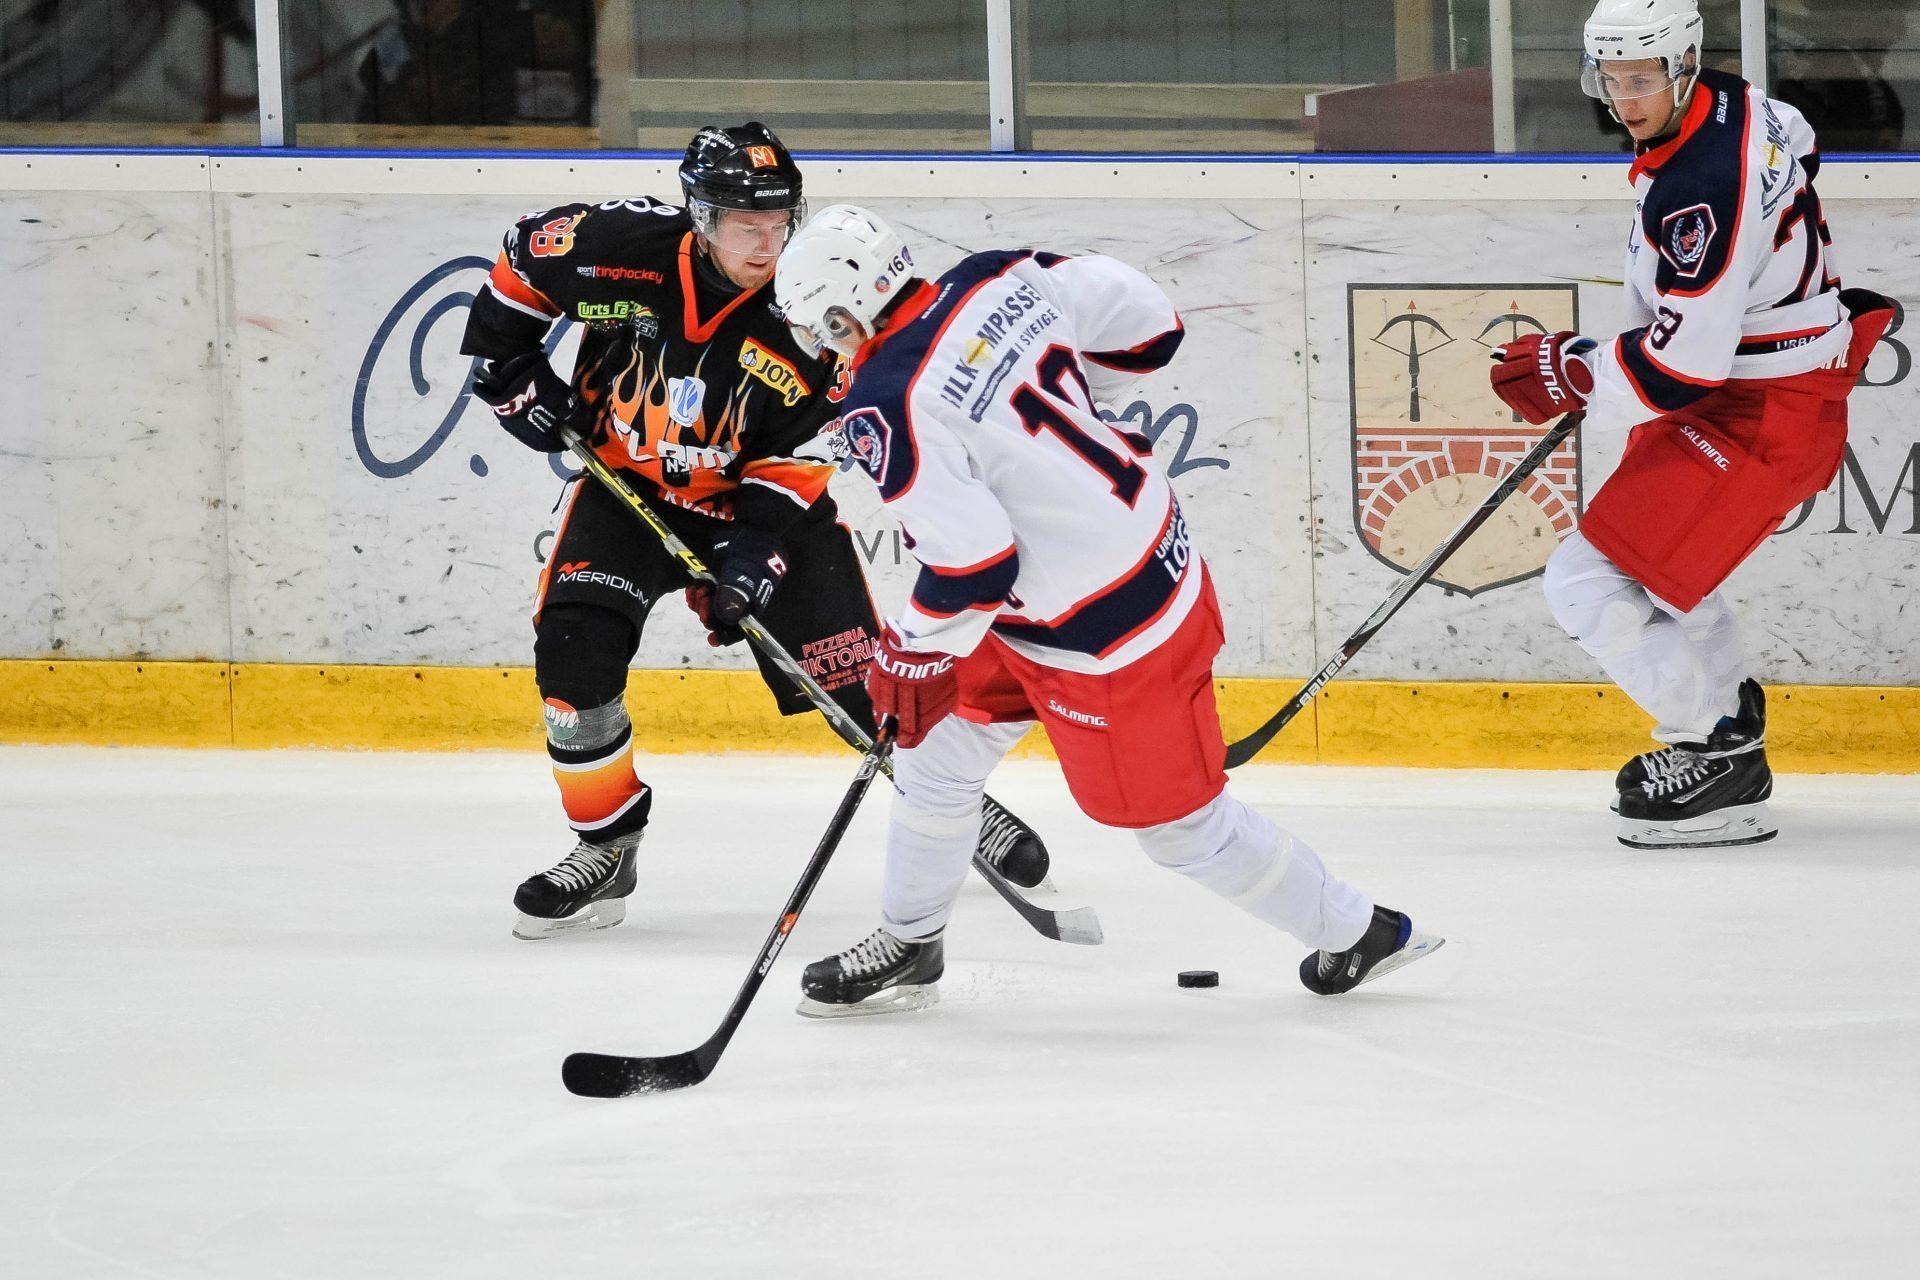 Träniingsmatch mellan Nybro Flames och Nässjö HC